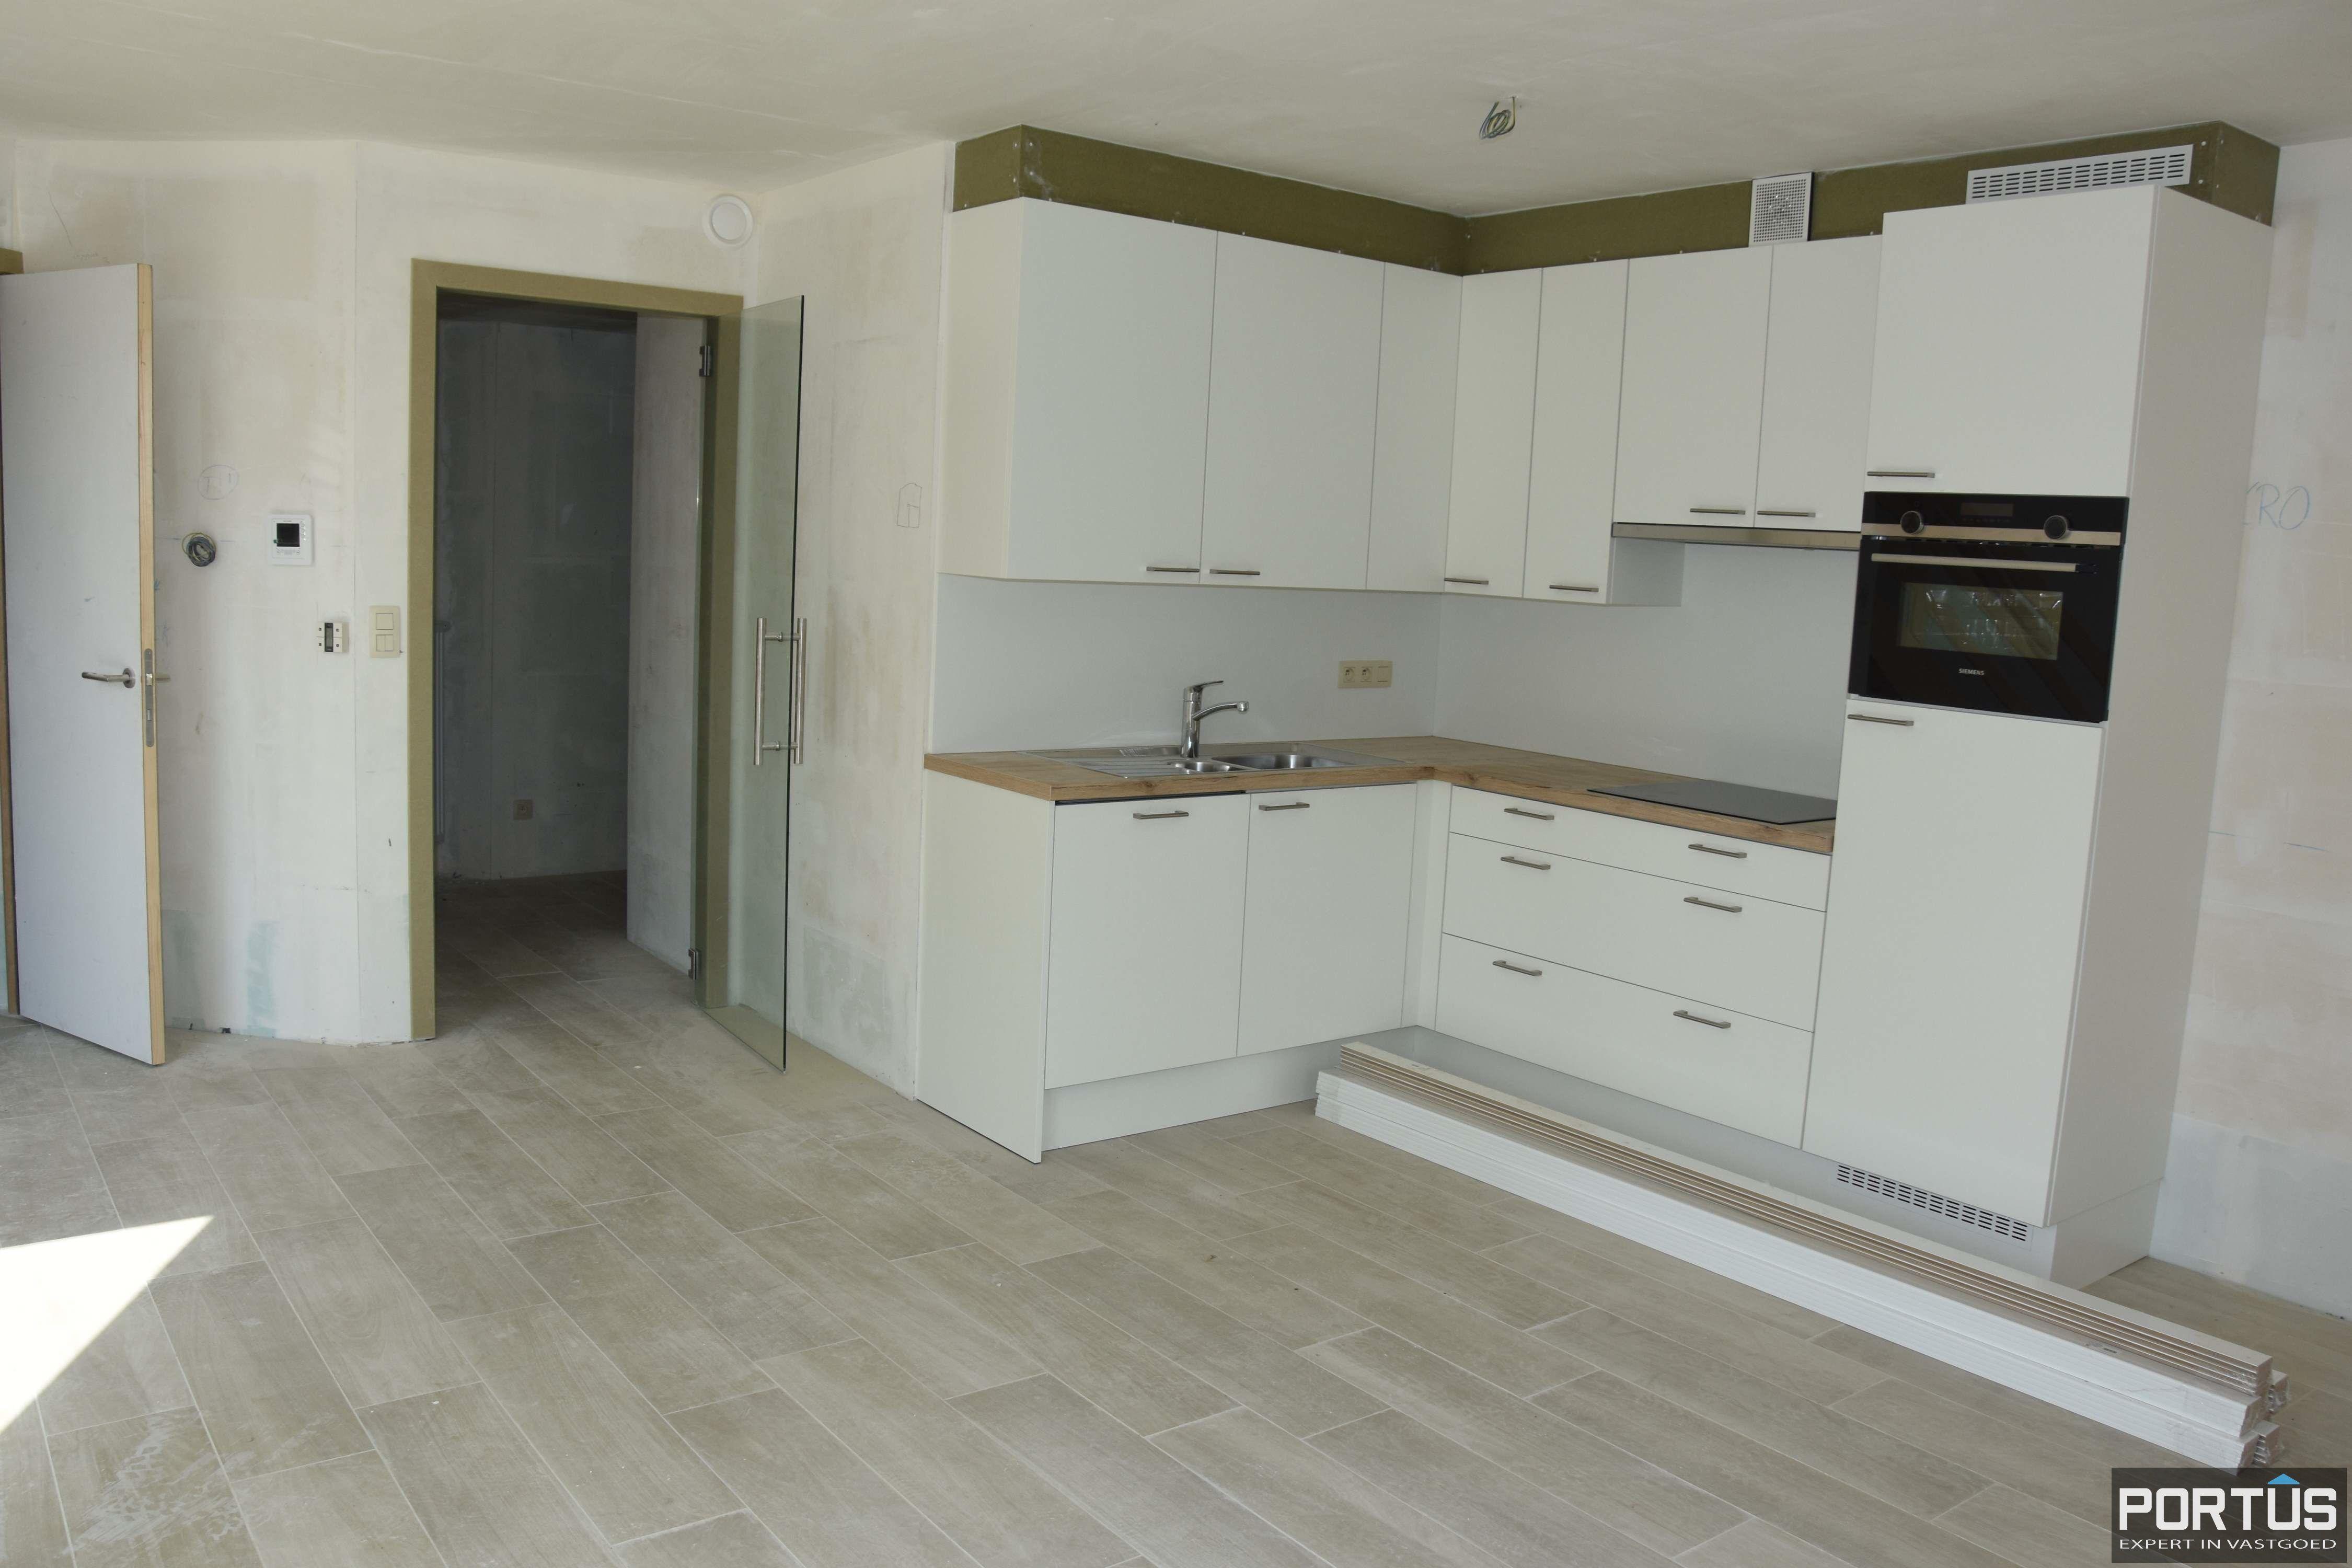 Appartement Residentie Villa Crombez Nieuwpoort - 8379